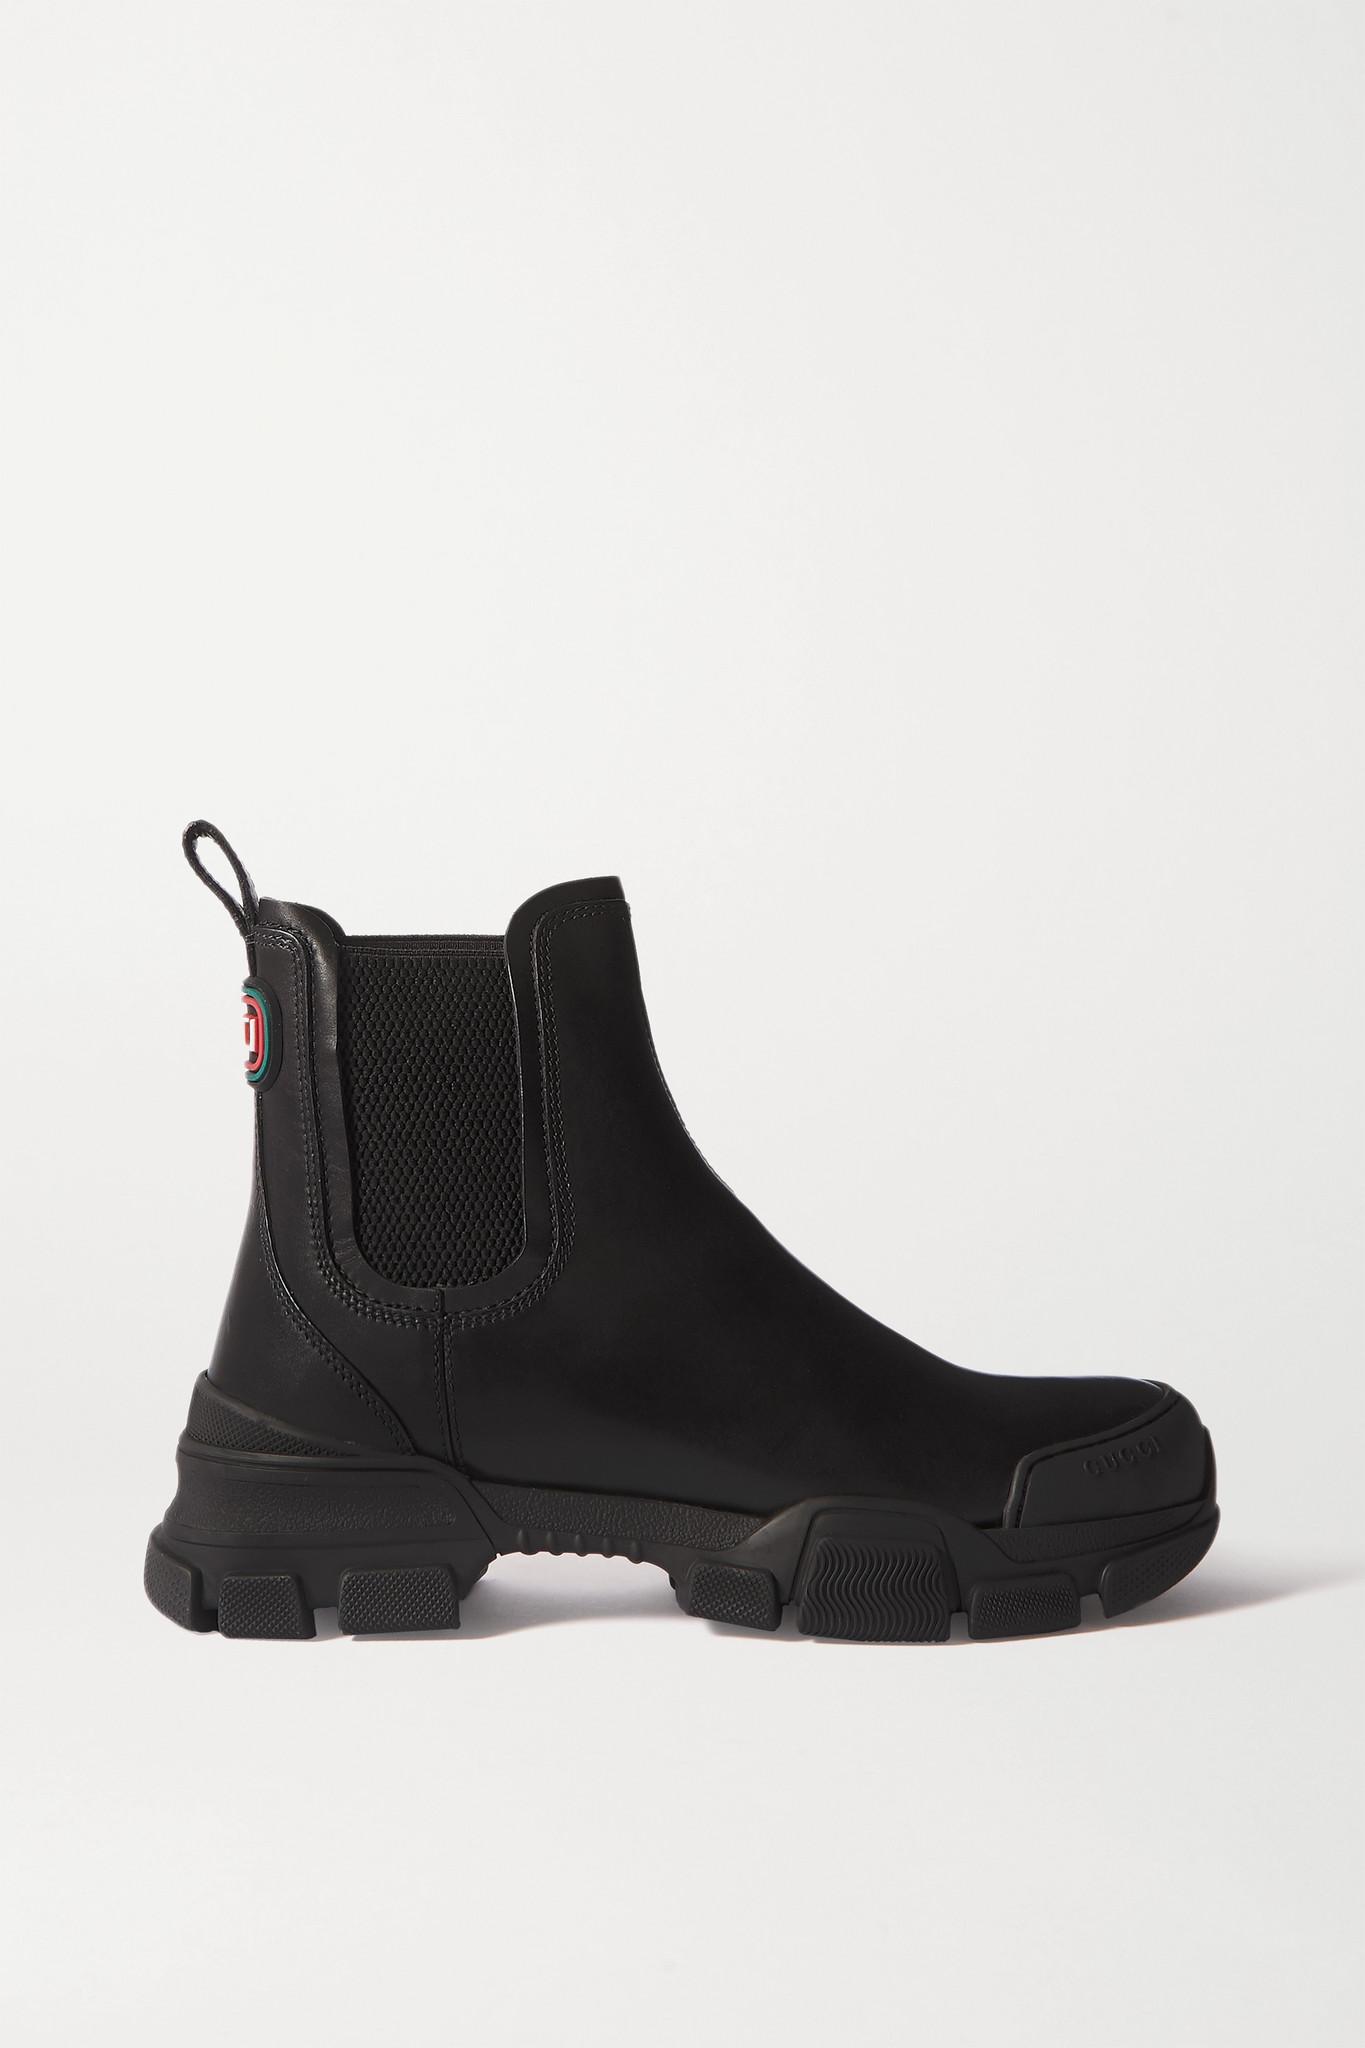 GUCCI - Leon 皮革切尔西靴 - 黑色 - IT40